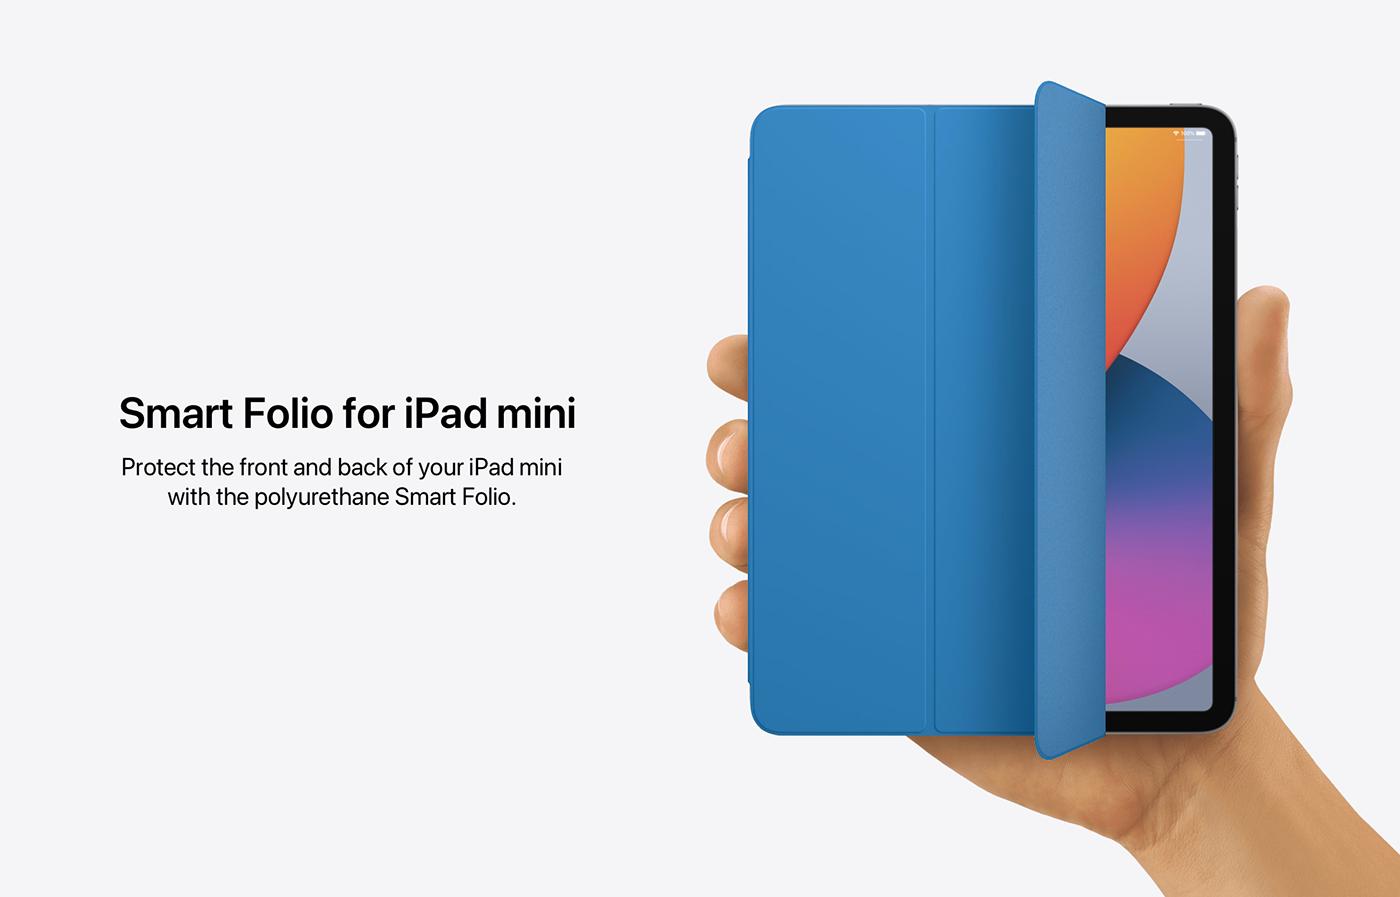 iPad ipadmini   iPadOS